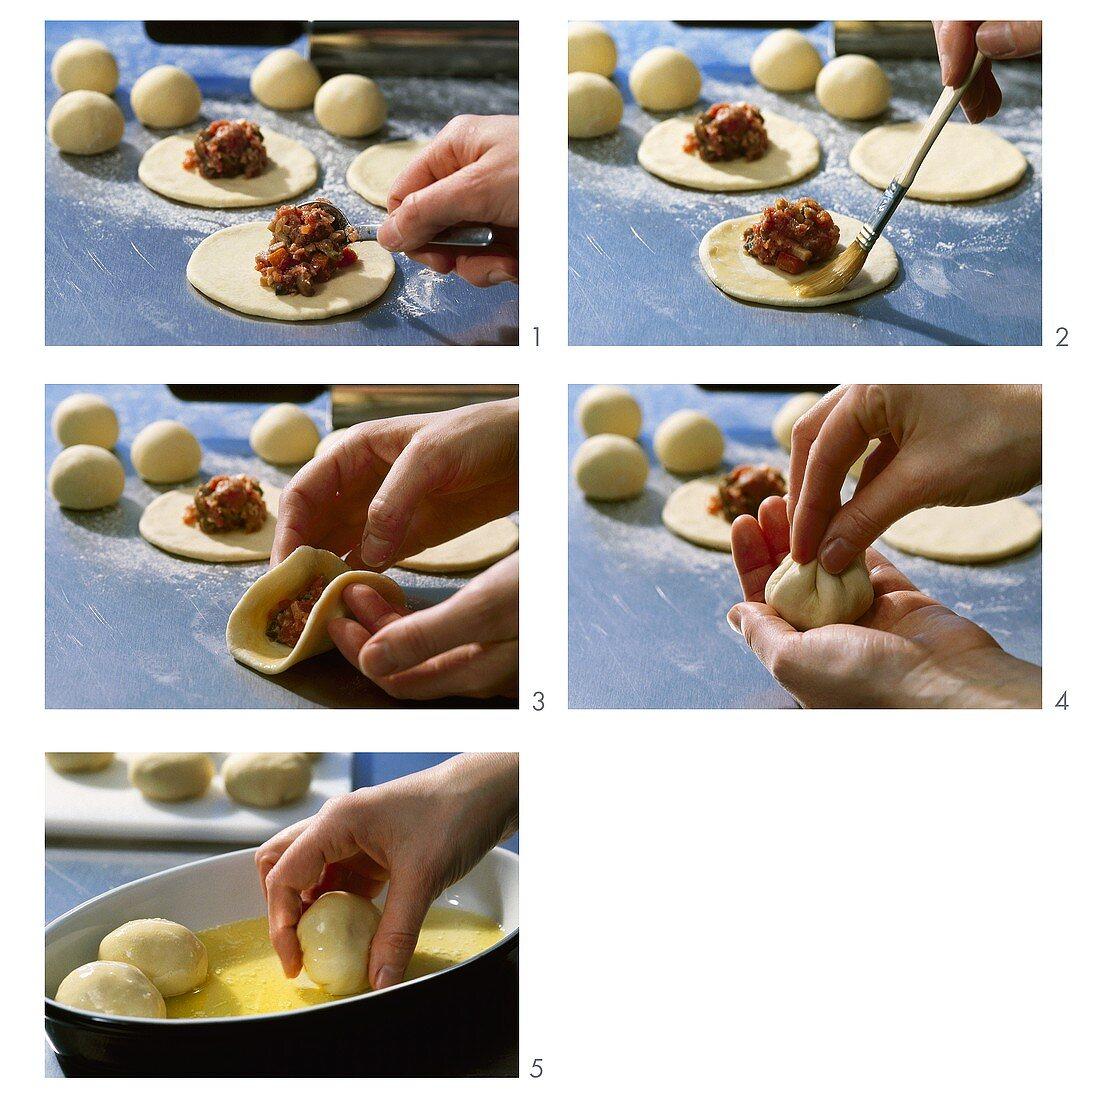 Making Buchteln (yeast dumplings) with mince filling